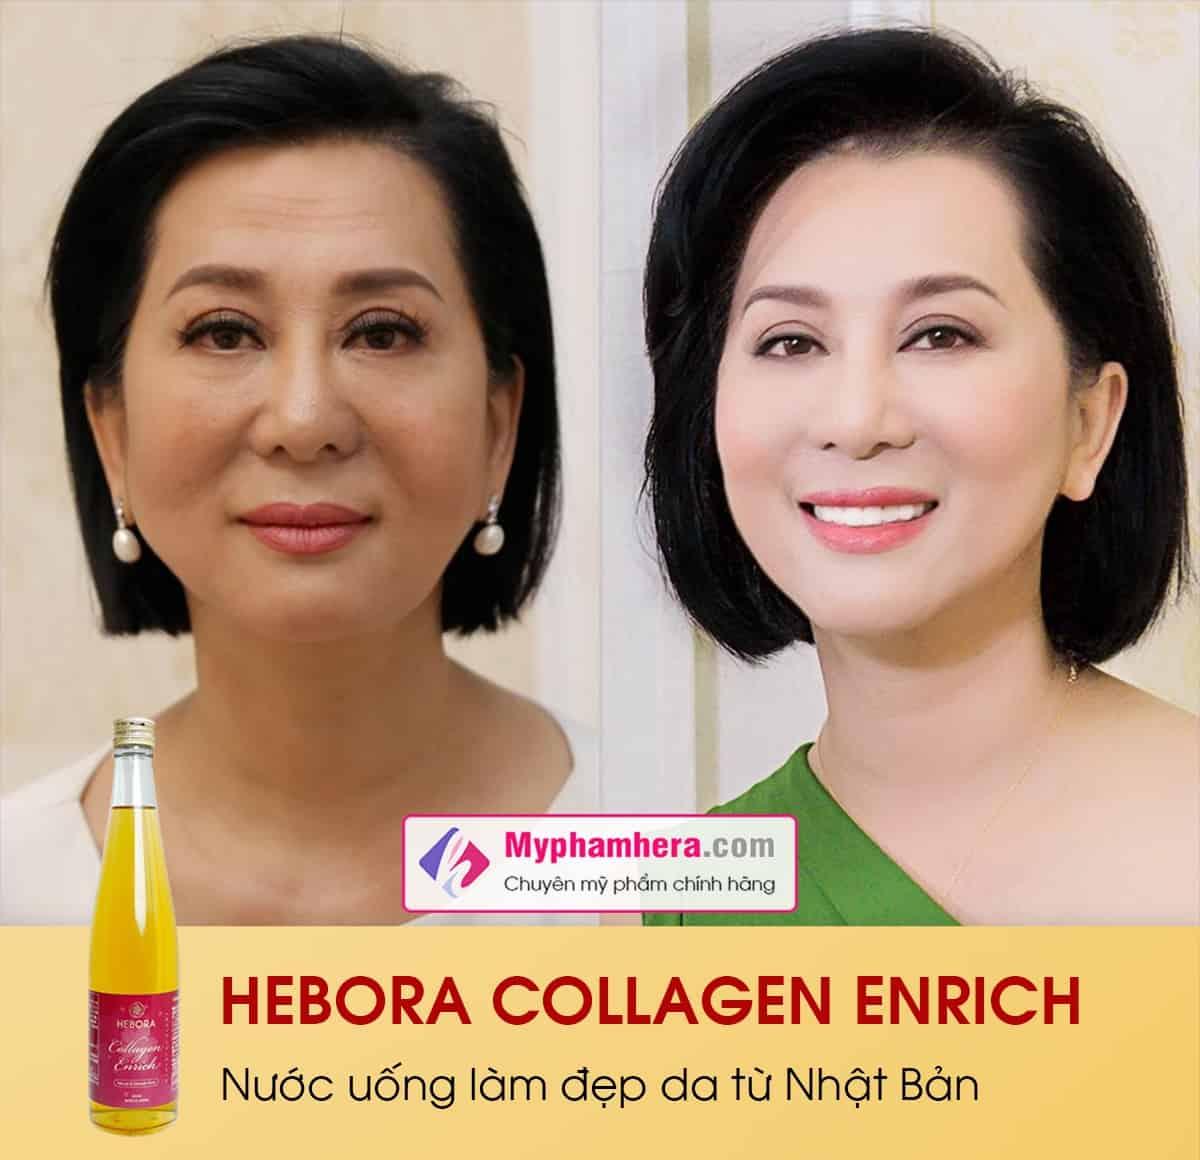 review nước uống hebora collagen enrich có tốt không myphamhera.com